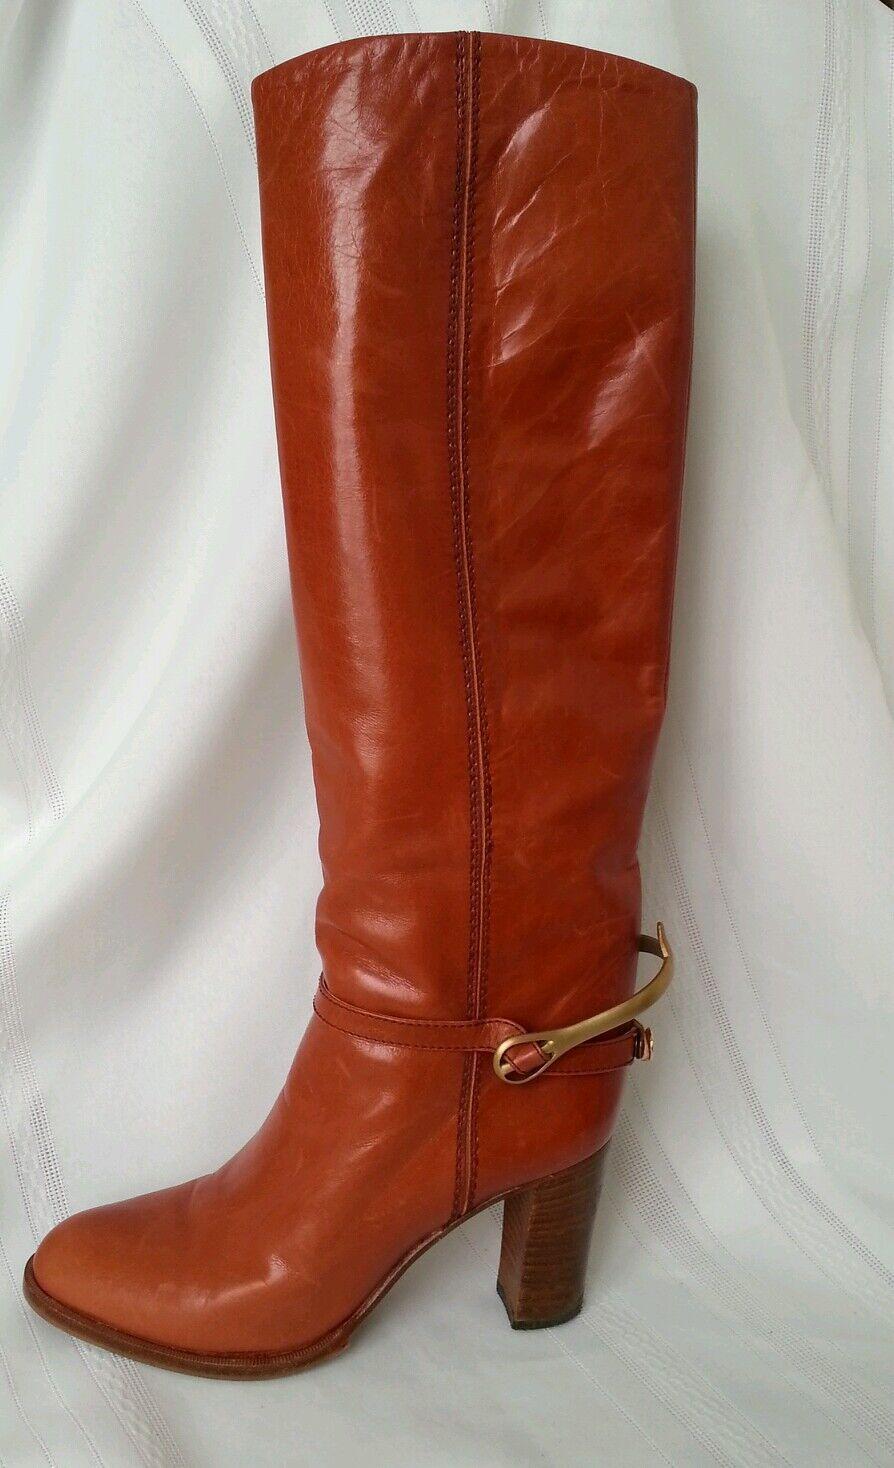 Vero Cuoio Damens's slip on boots Größe 36.5 Rare